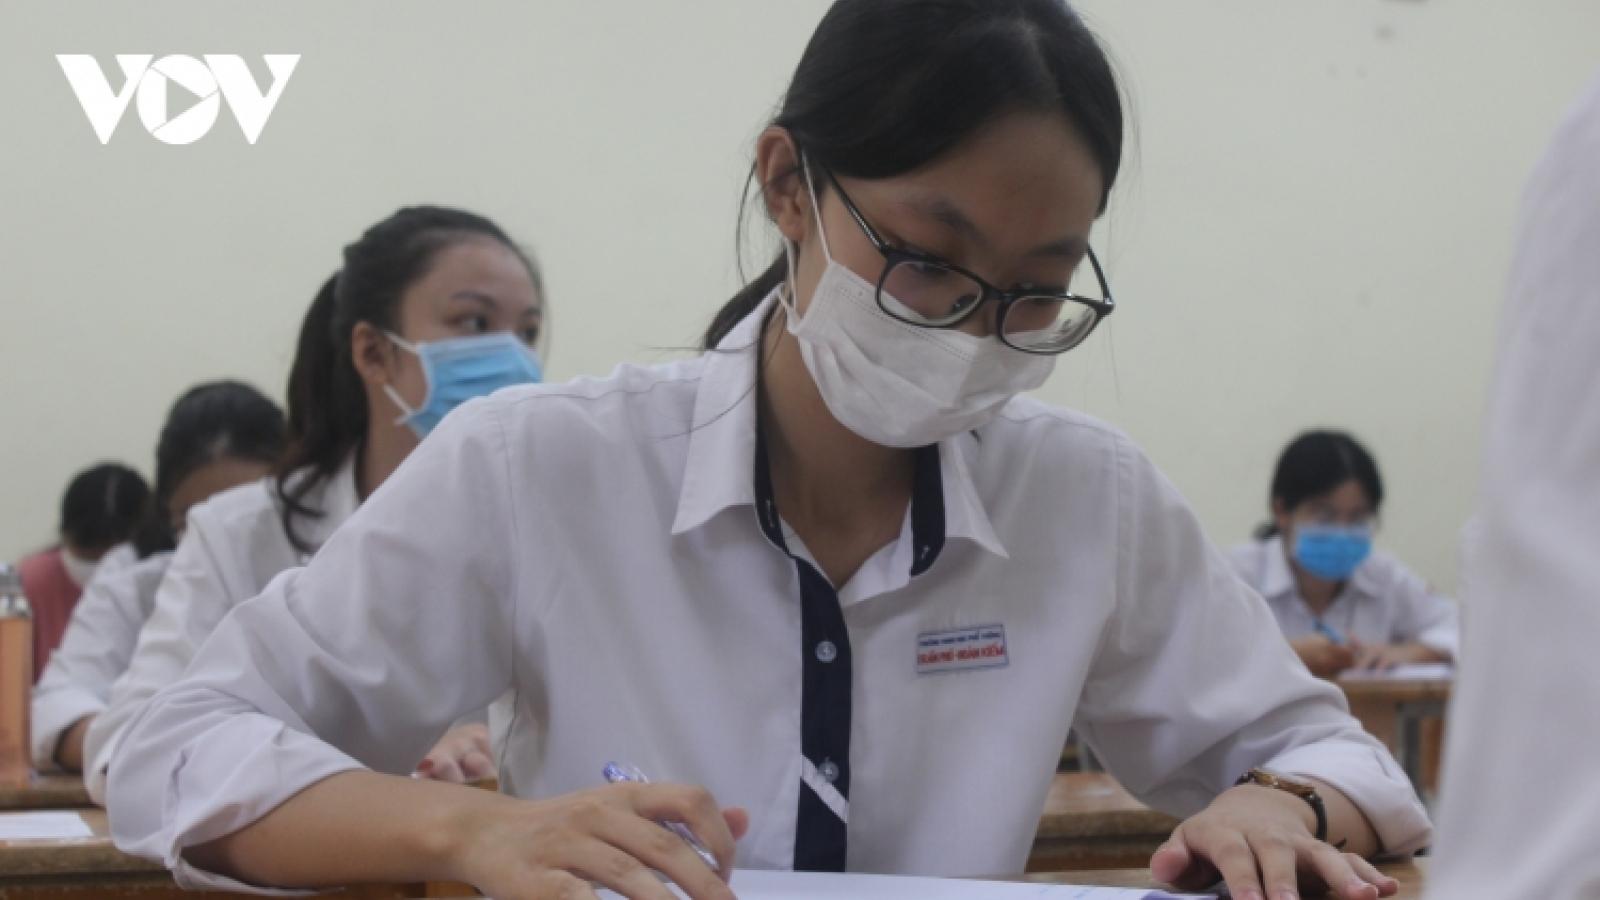 Quảng Ninh có thể kết thúc sớm năm học 2020-2021 để phòng chống dịch bệnh